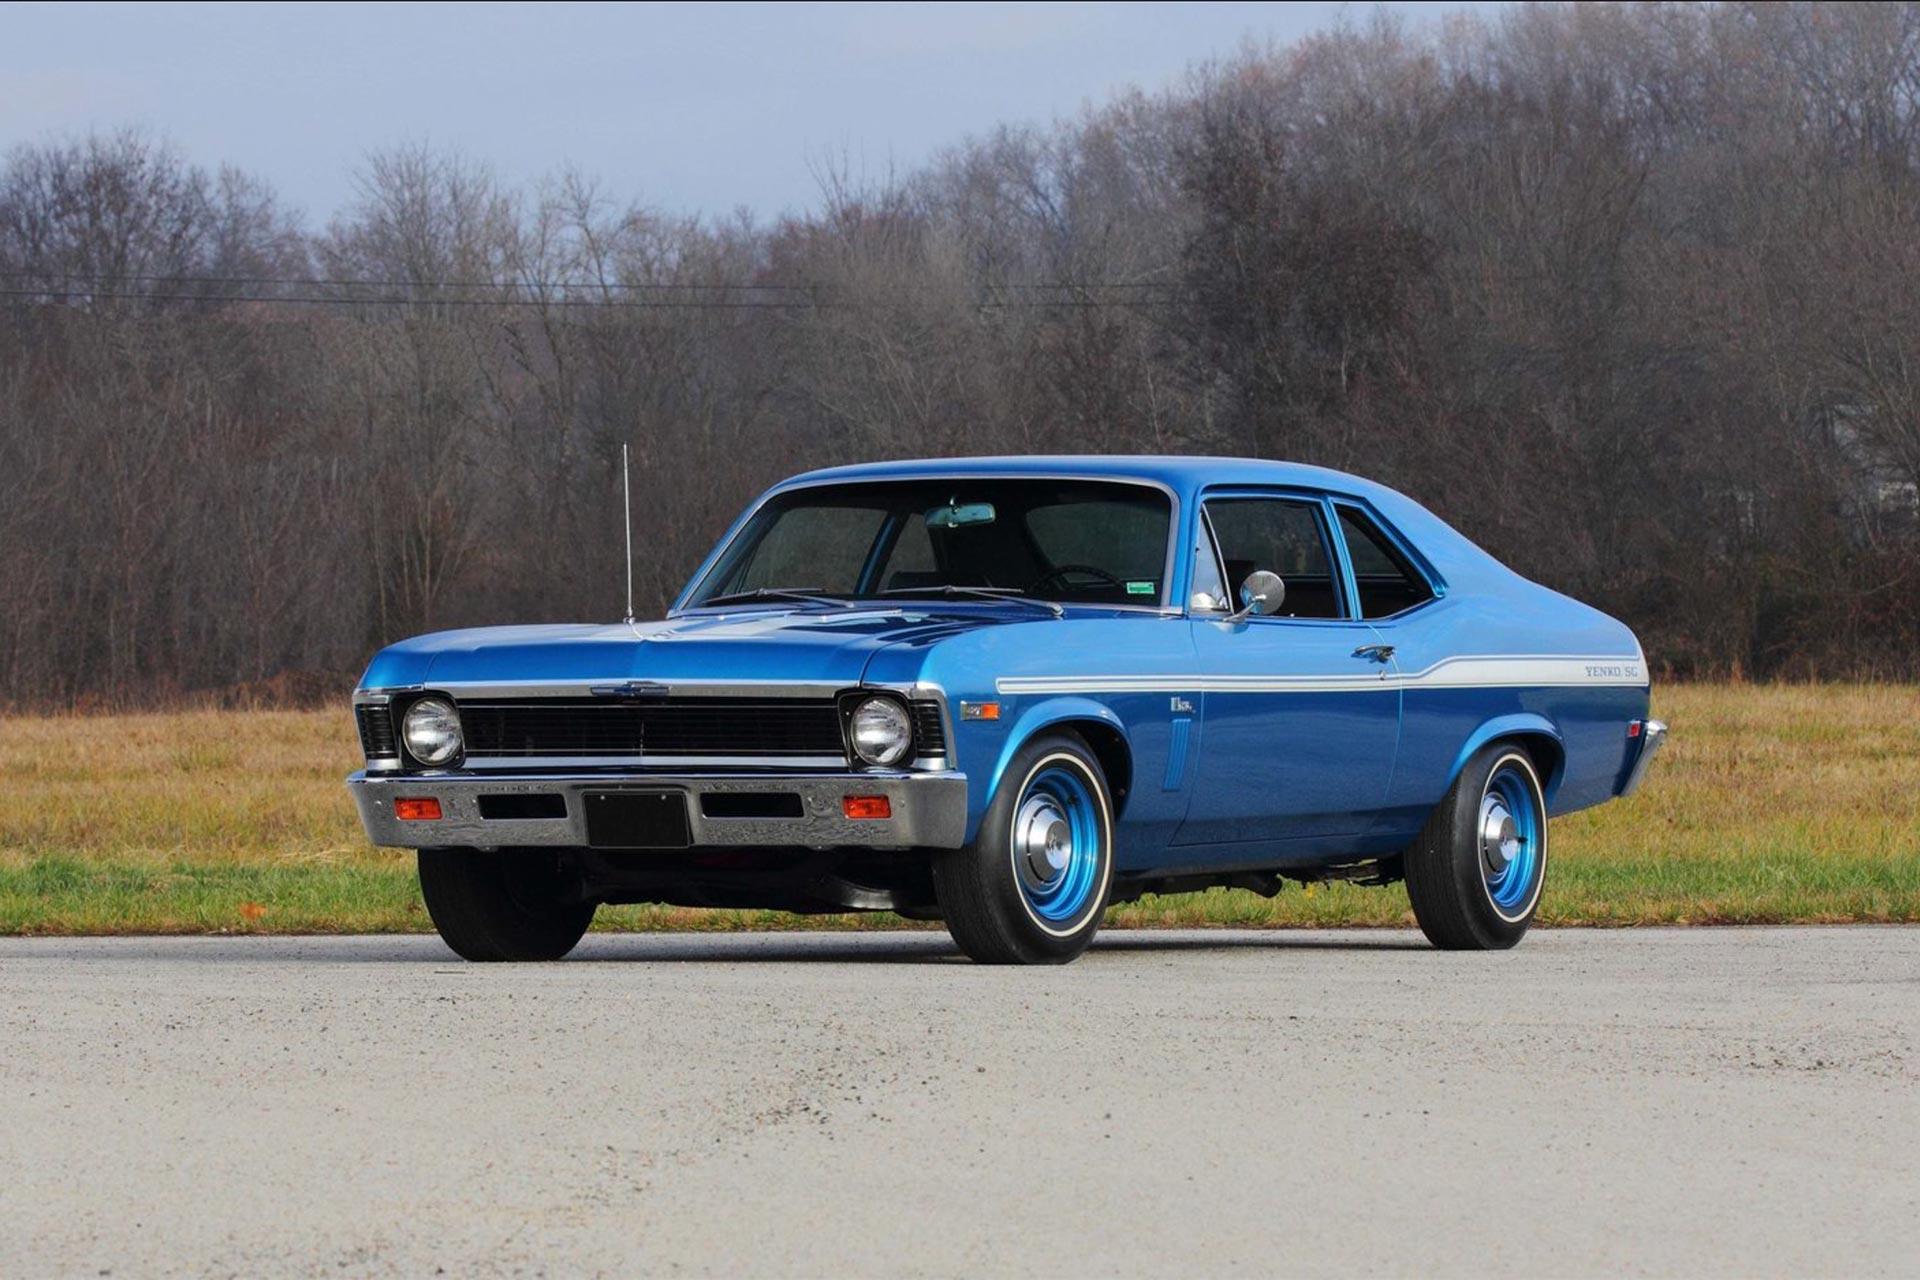 1969 Chevy Yenko/SC 427 Nova parked